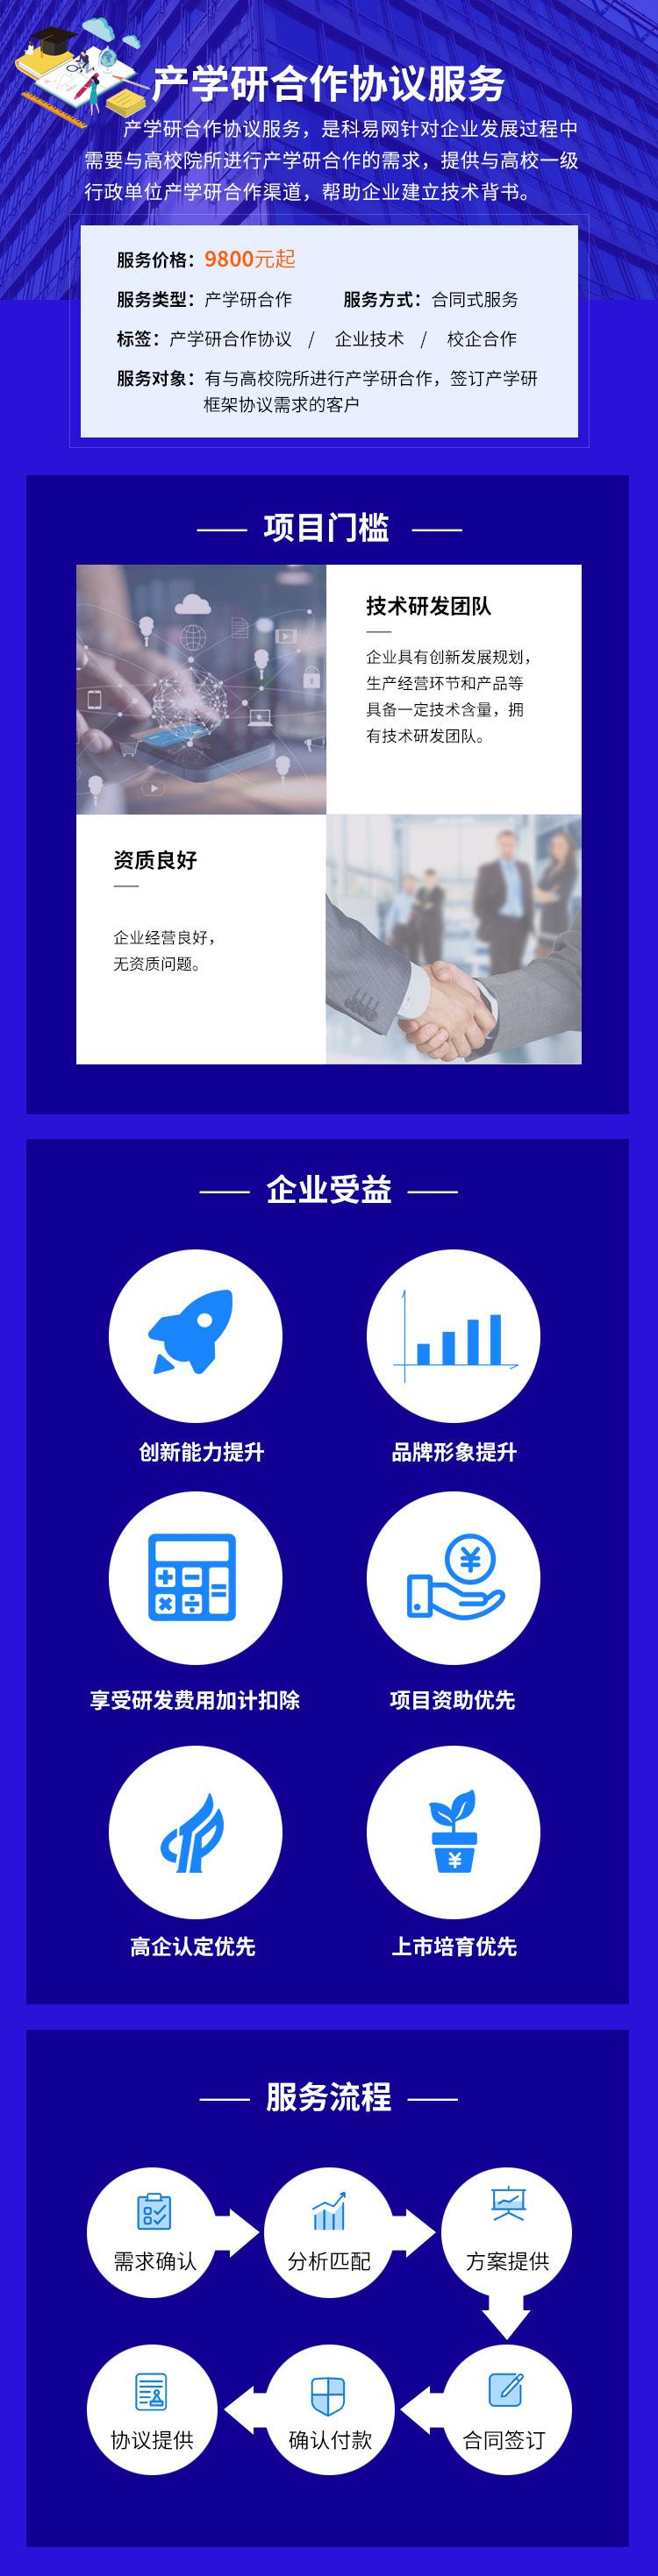 产学研合作服务协议.jpg